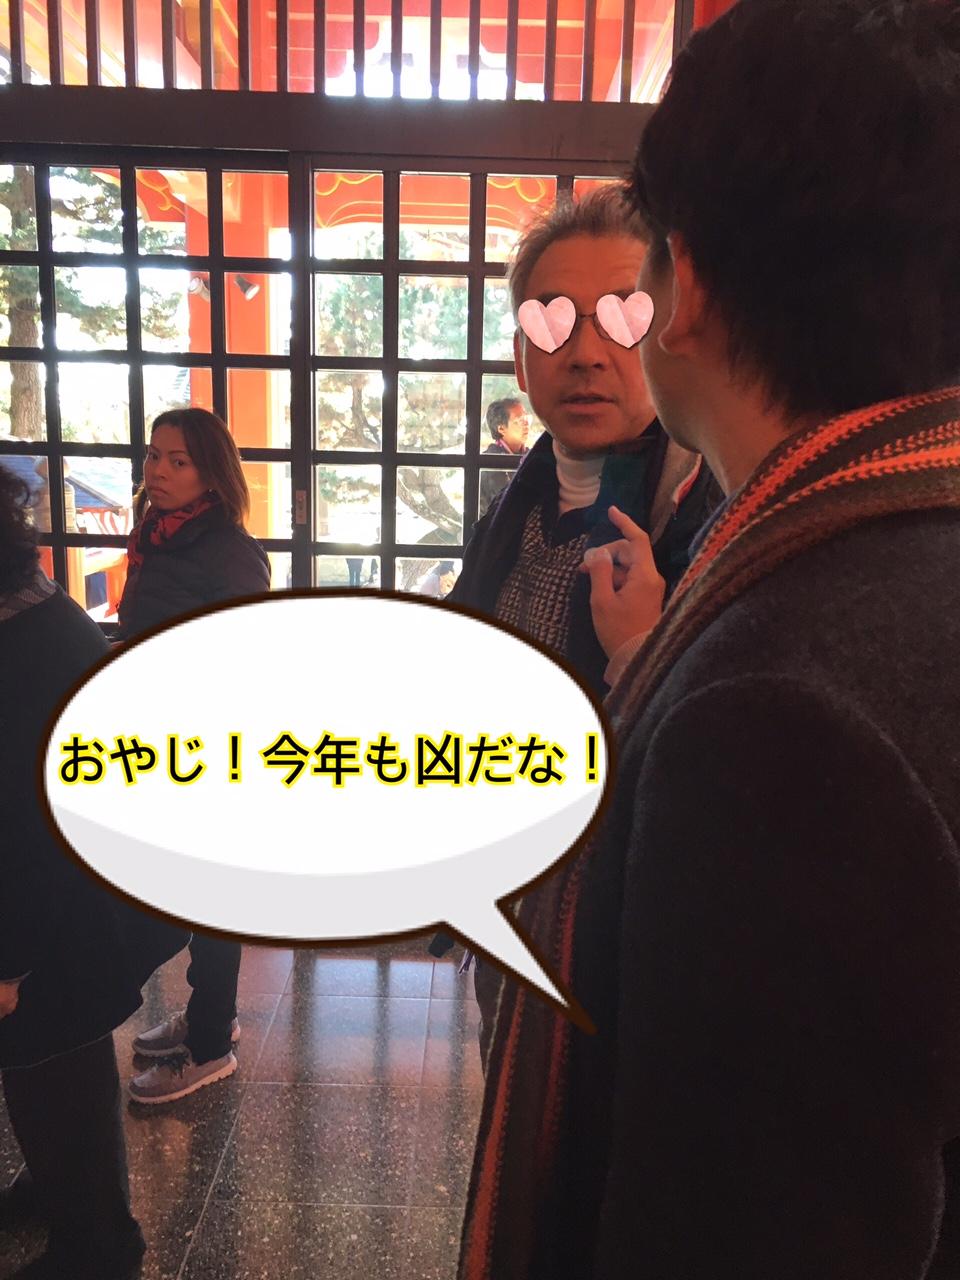 今年のおみくじは!?